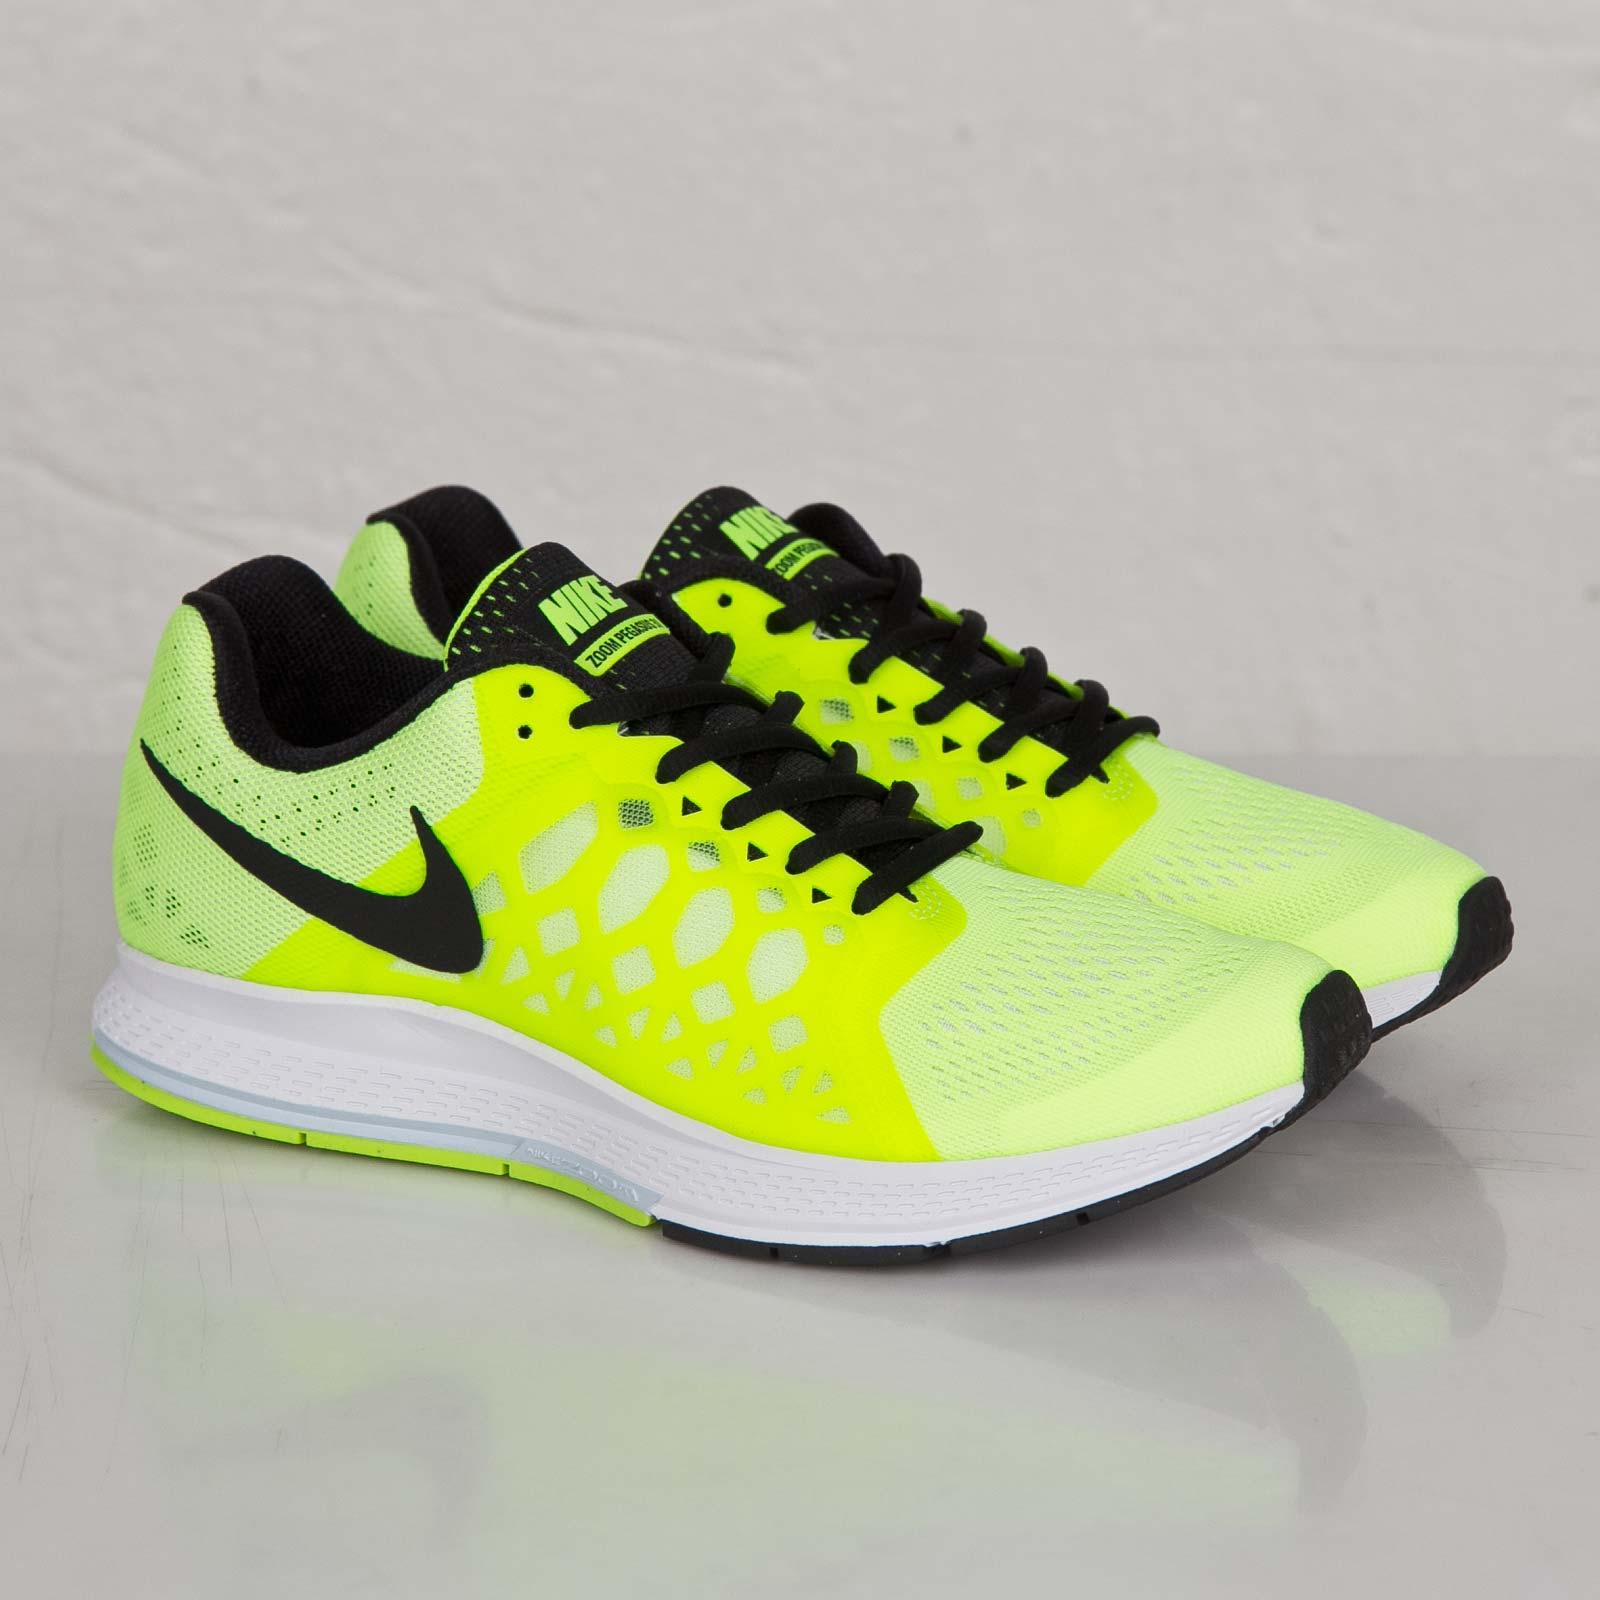 nouveau concept 31bc2 9920c Nike Air Zoom Pegasus 31 - 652925-701 - Sneakersnstuff ...